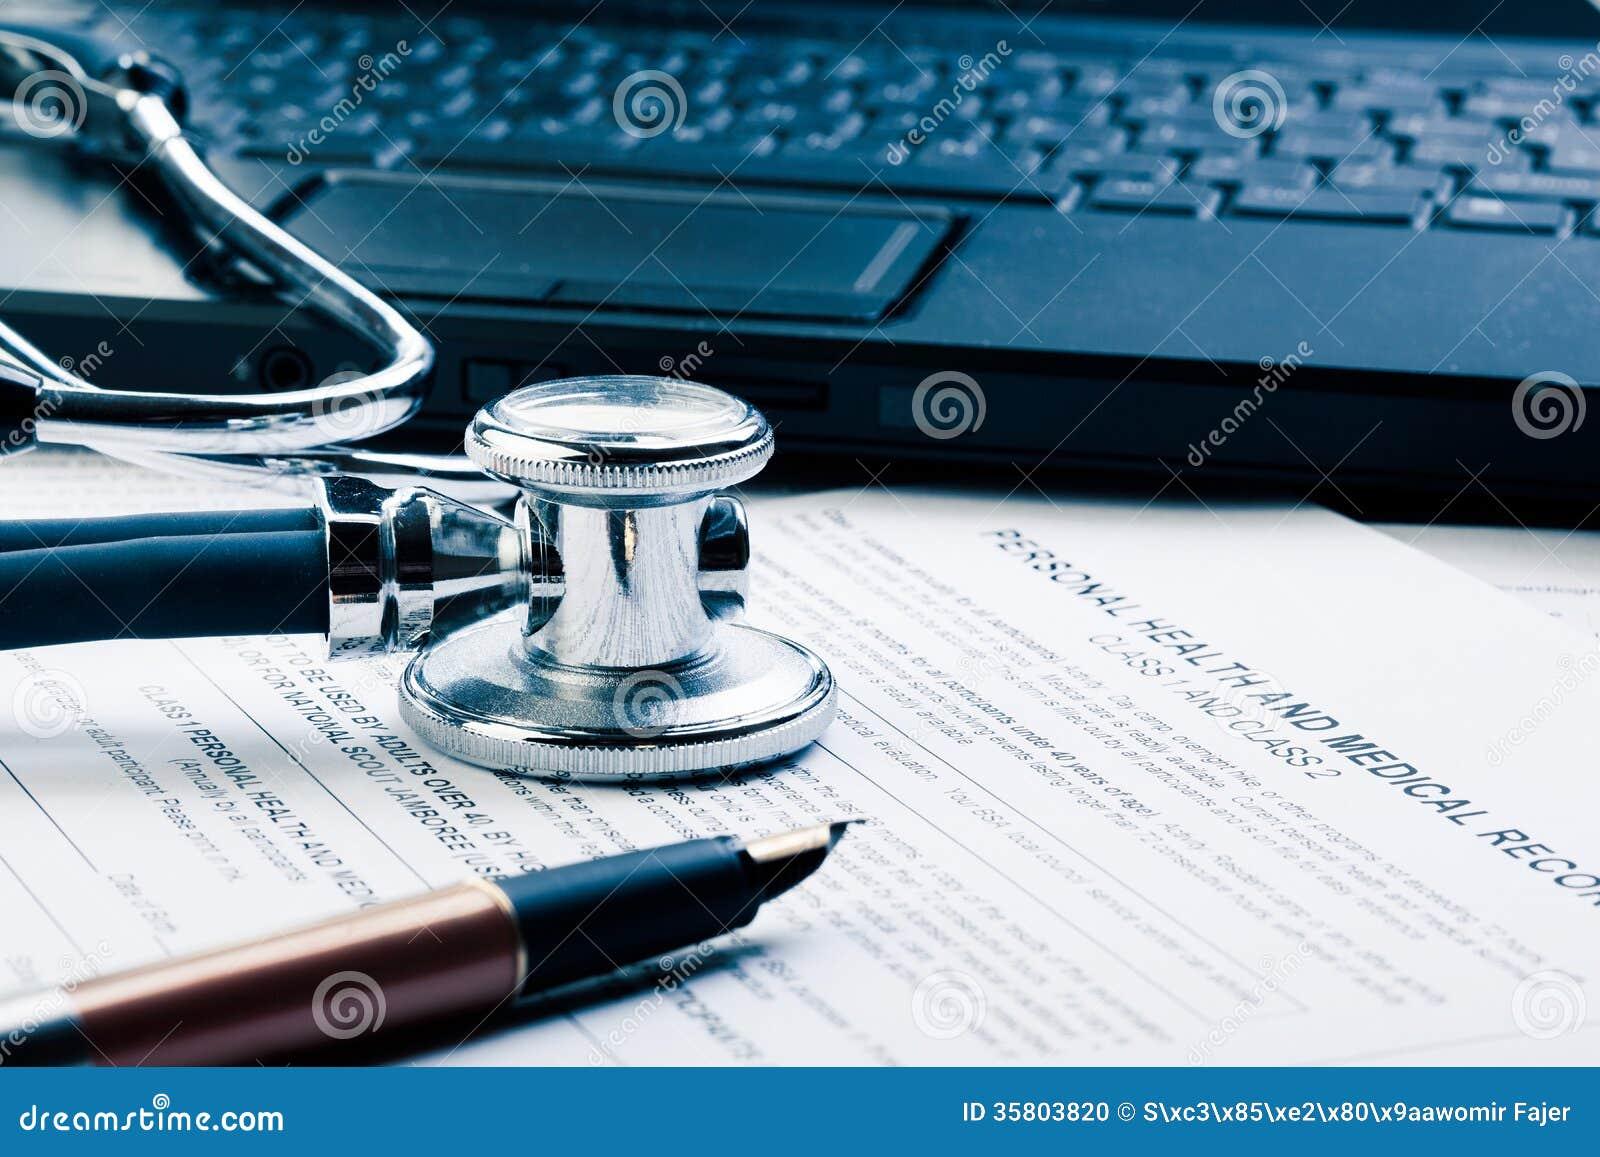 Formulário médico